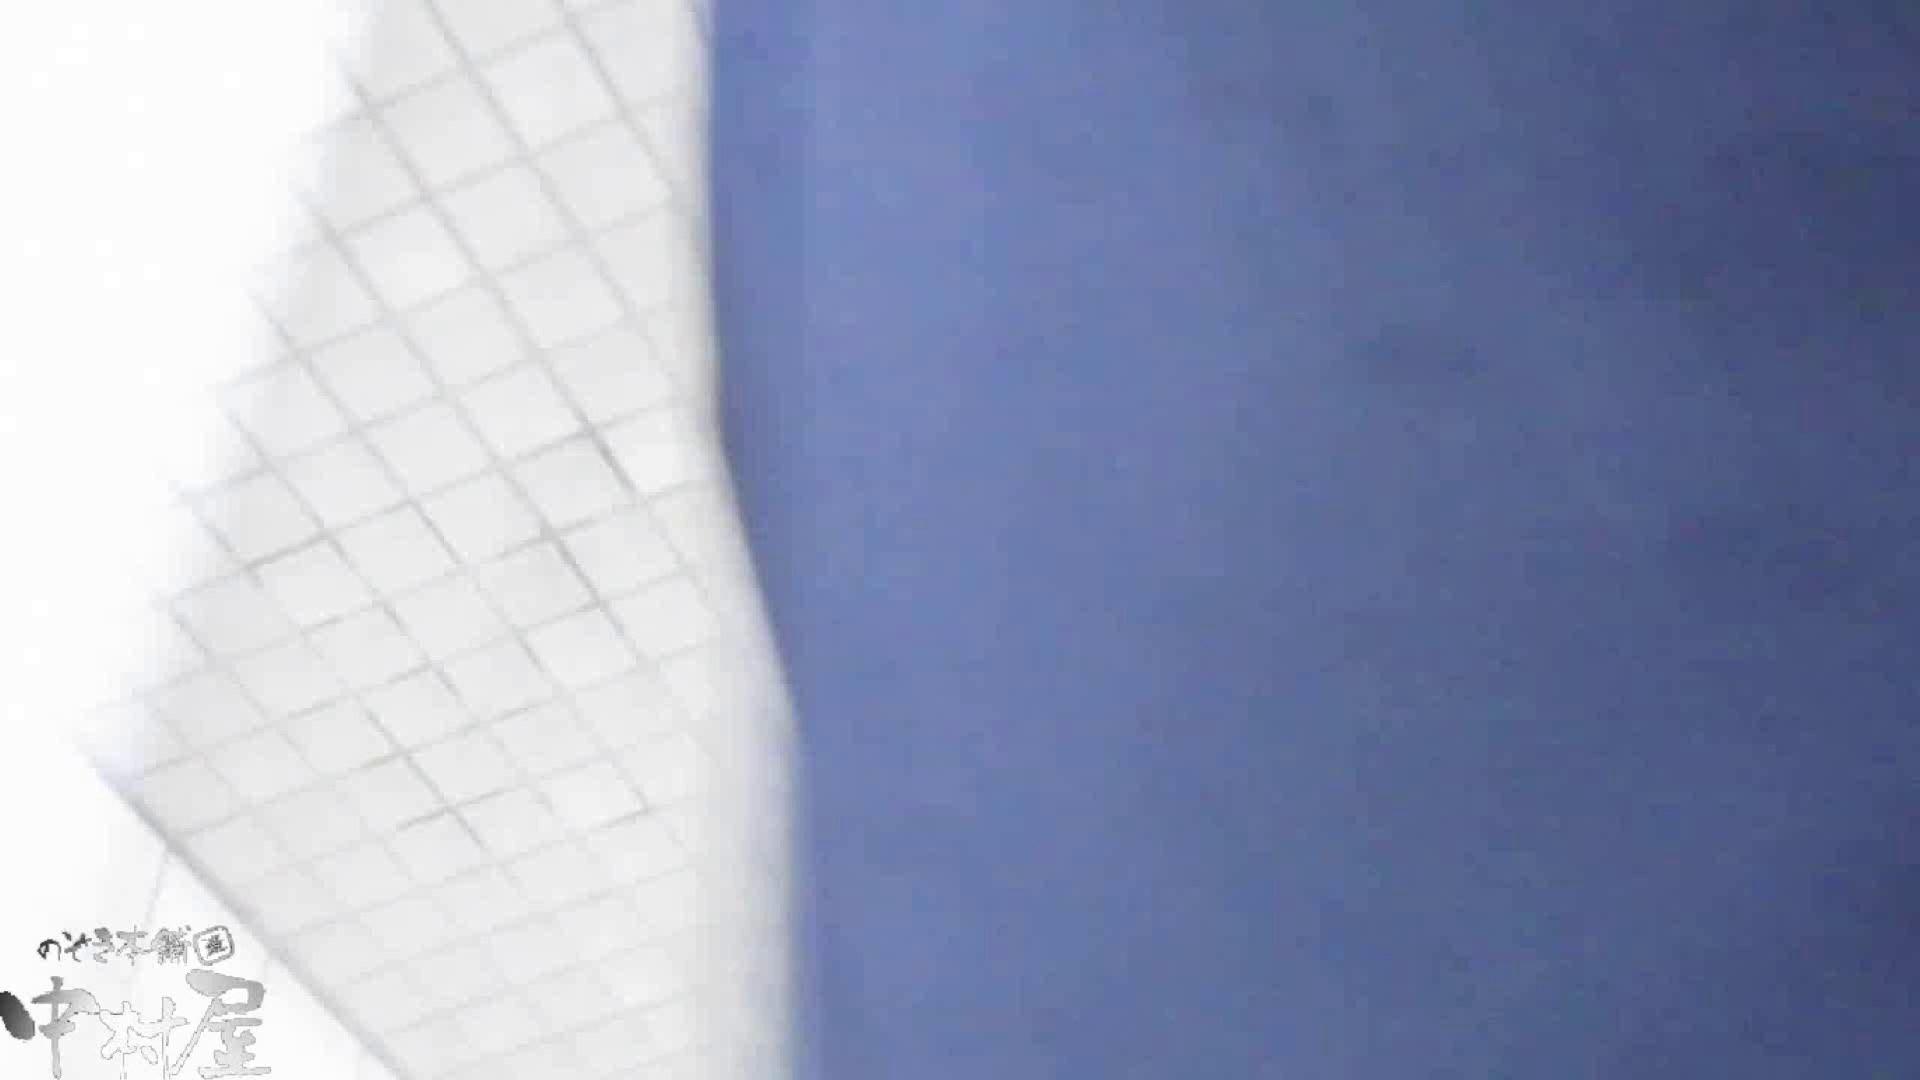 魂のかわや盗撮62連発! 脱肛お姉さん! 11発目! 盗撮 アダルト動画キャプチャ 102連発 23